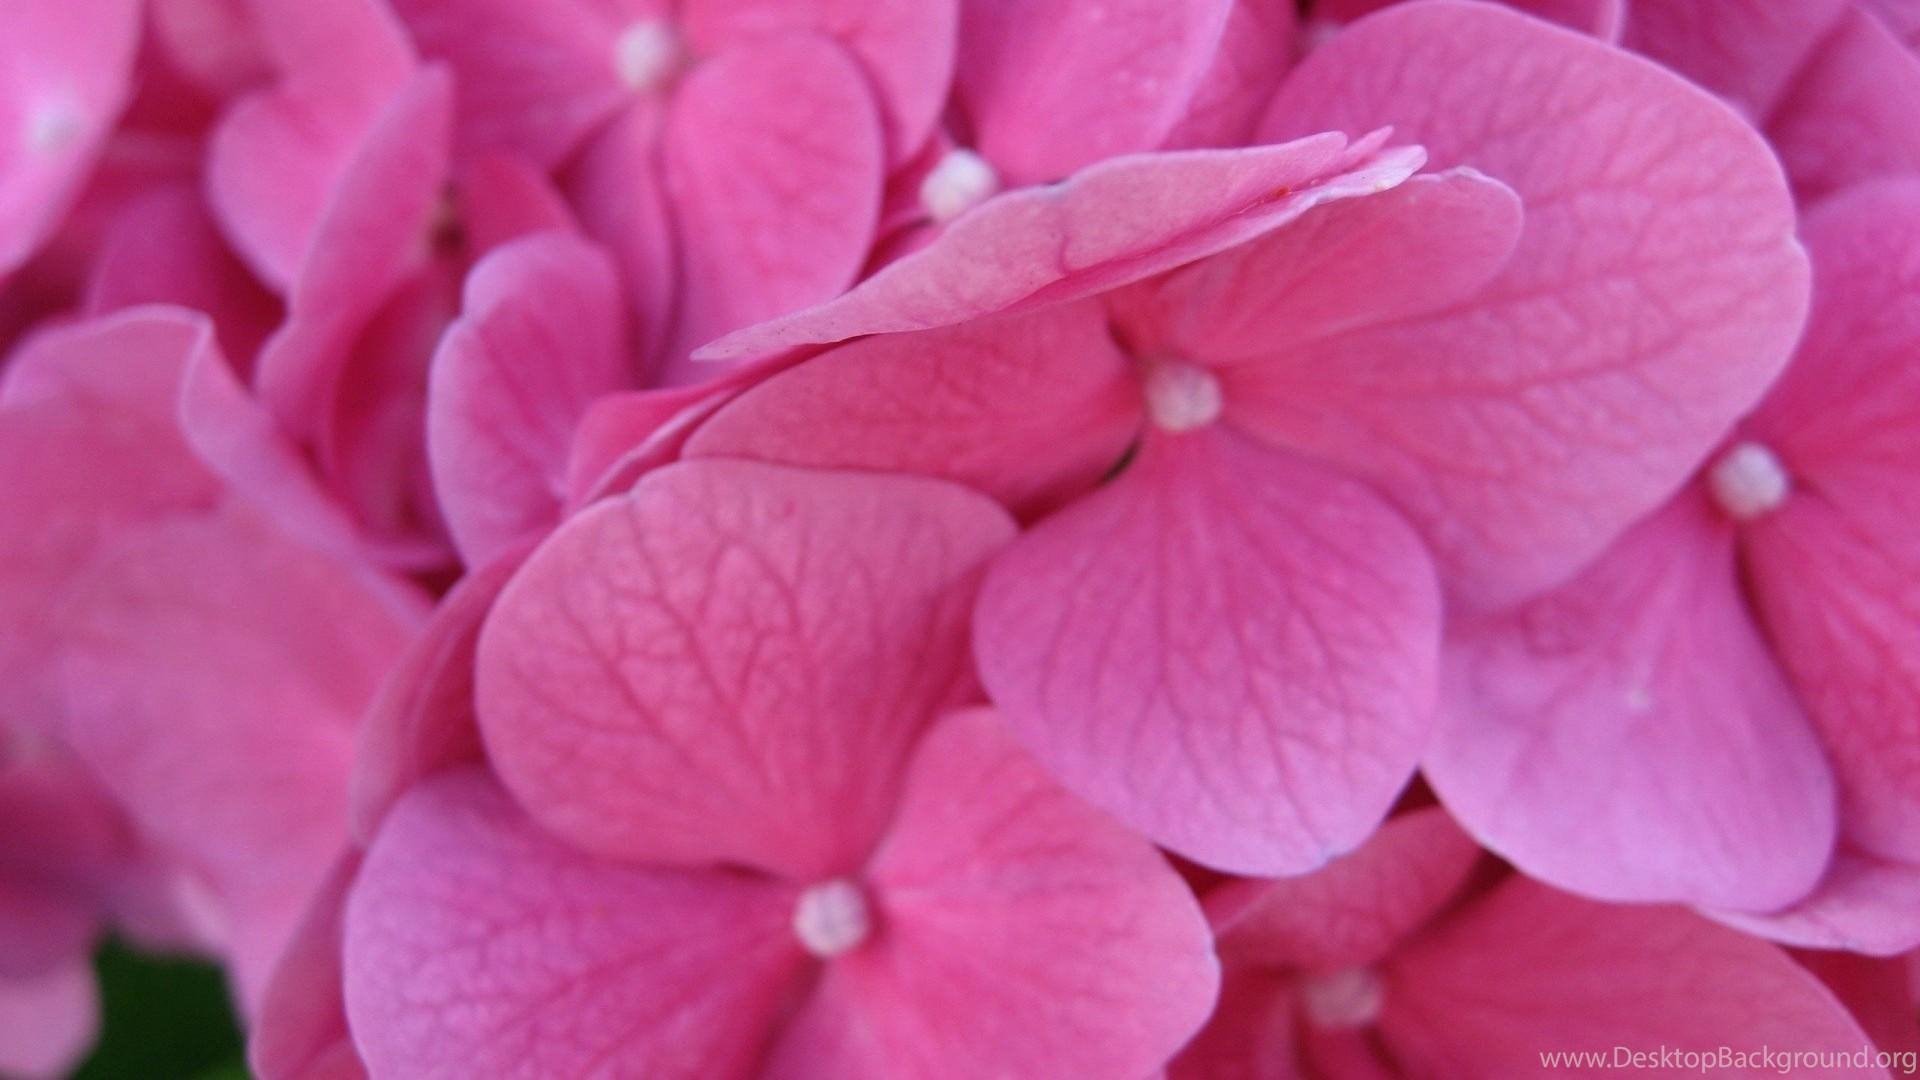 Pink Petals Wallpaper Backgrounds 1920x1080 1080p Hd